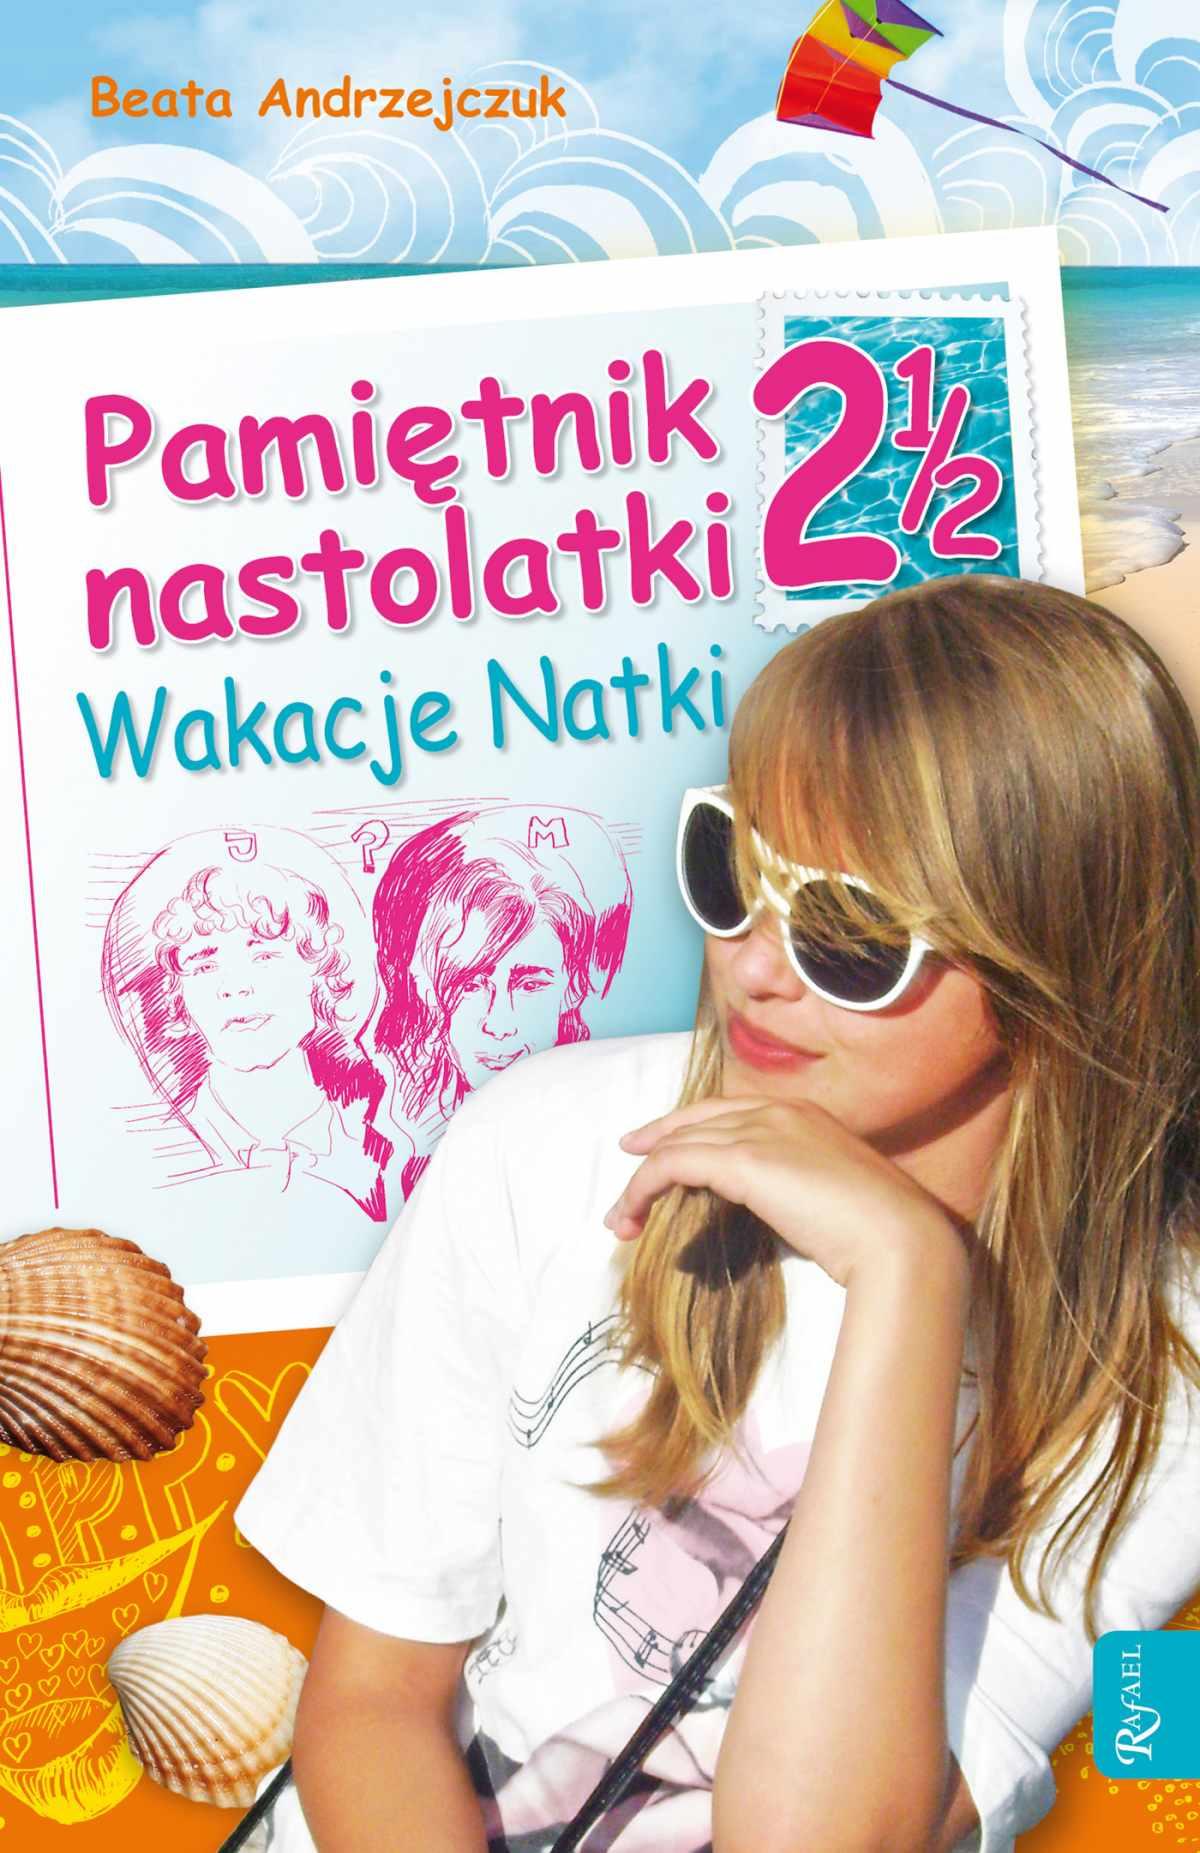 Pamiętnik nastolatki 2 1/2. Wakacje Natki - Ebook (Książka EPUB) do pobrania w formacie EPUB